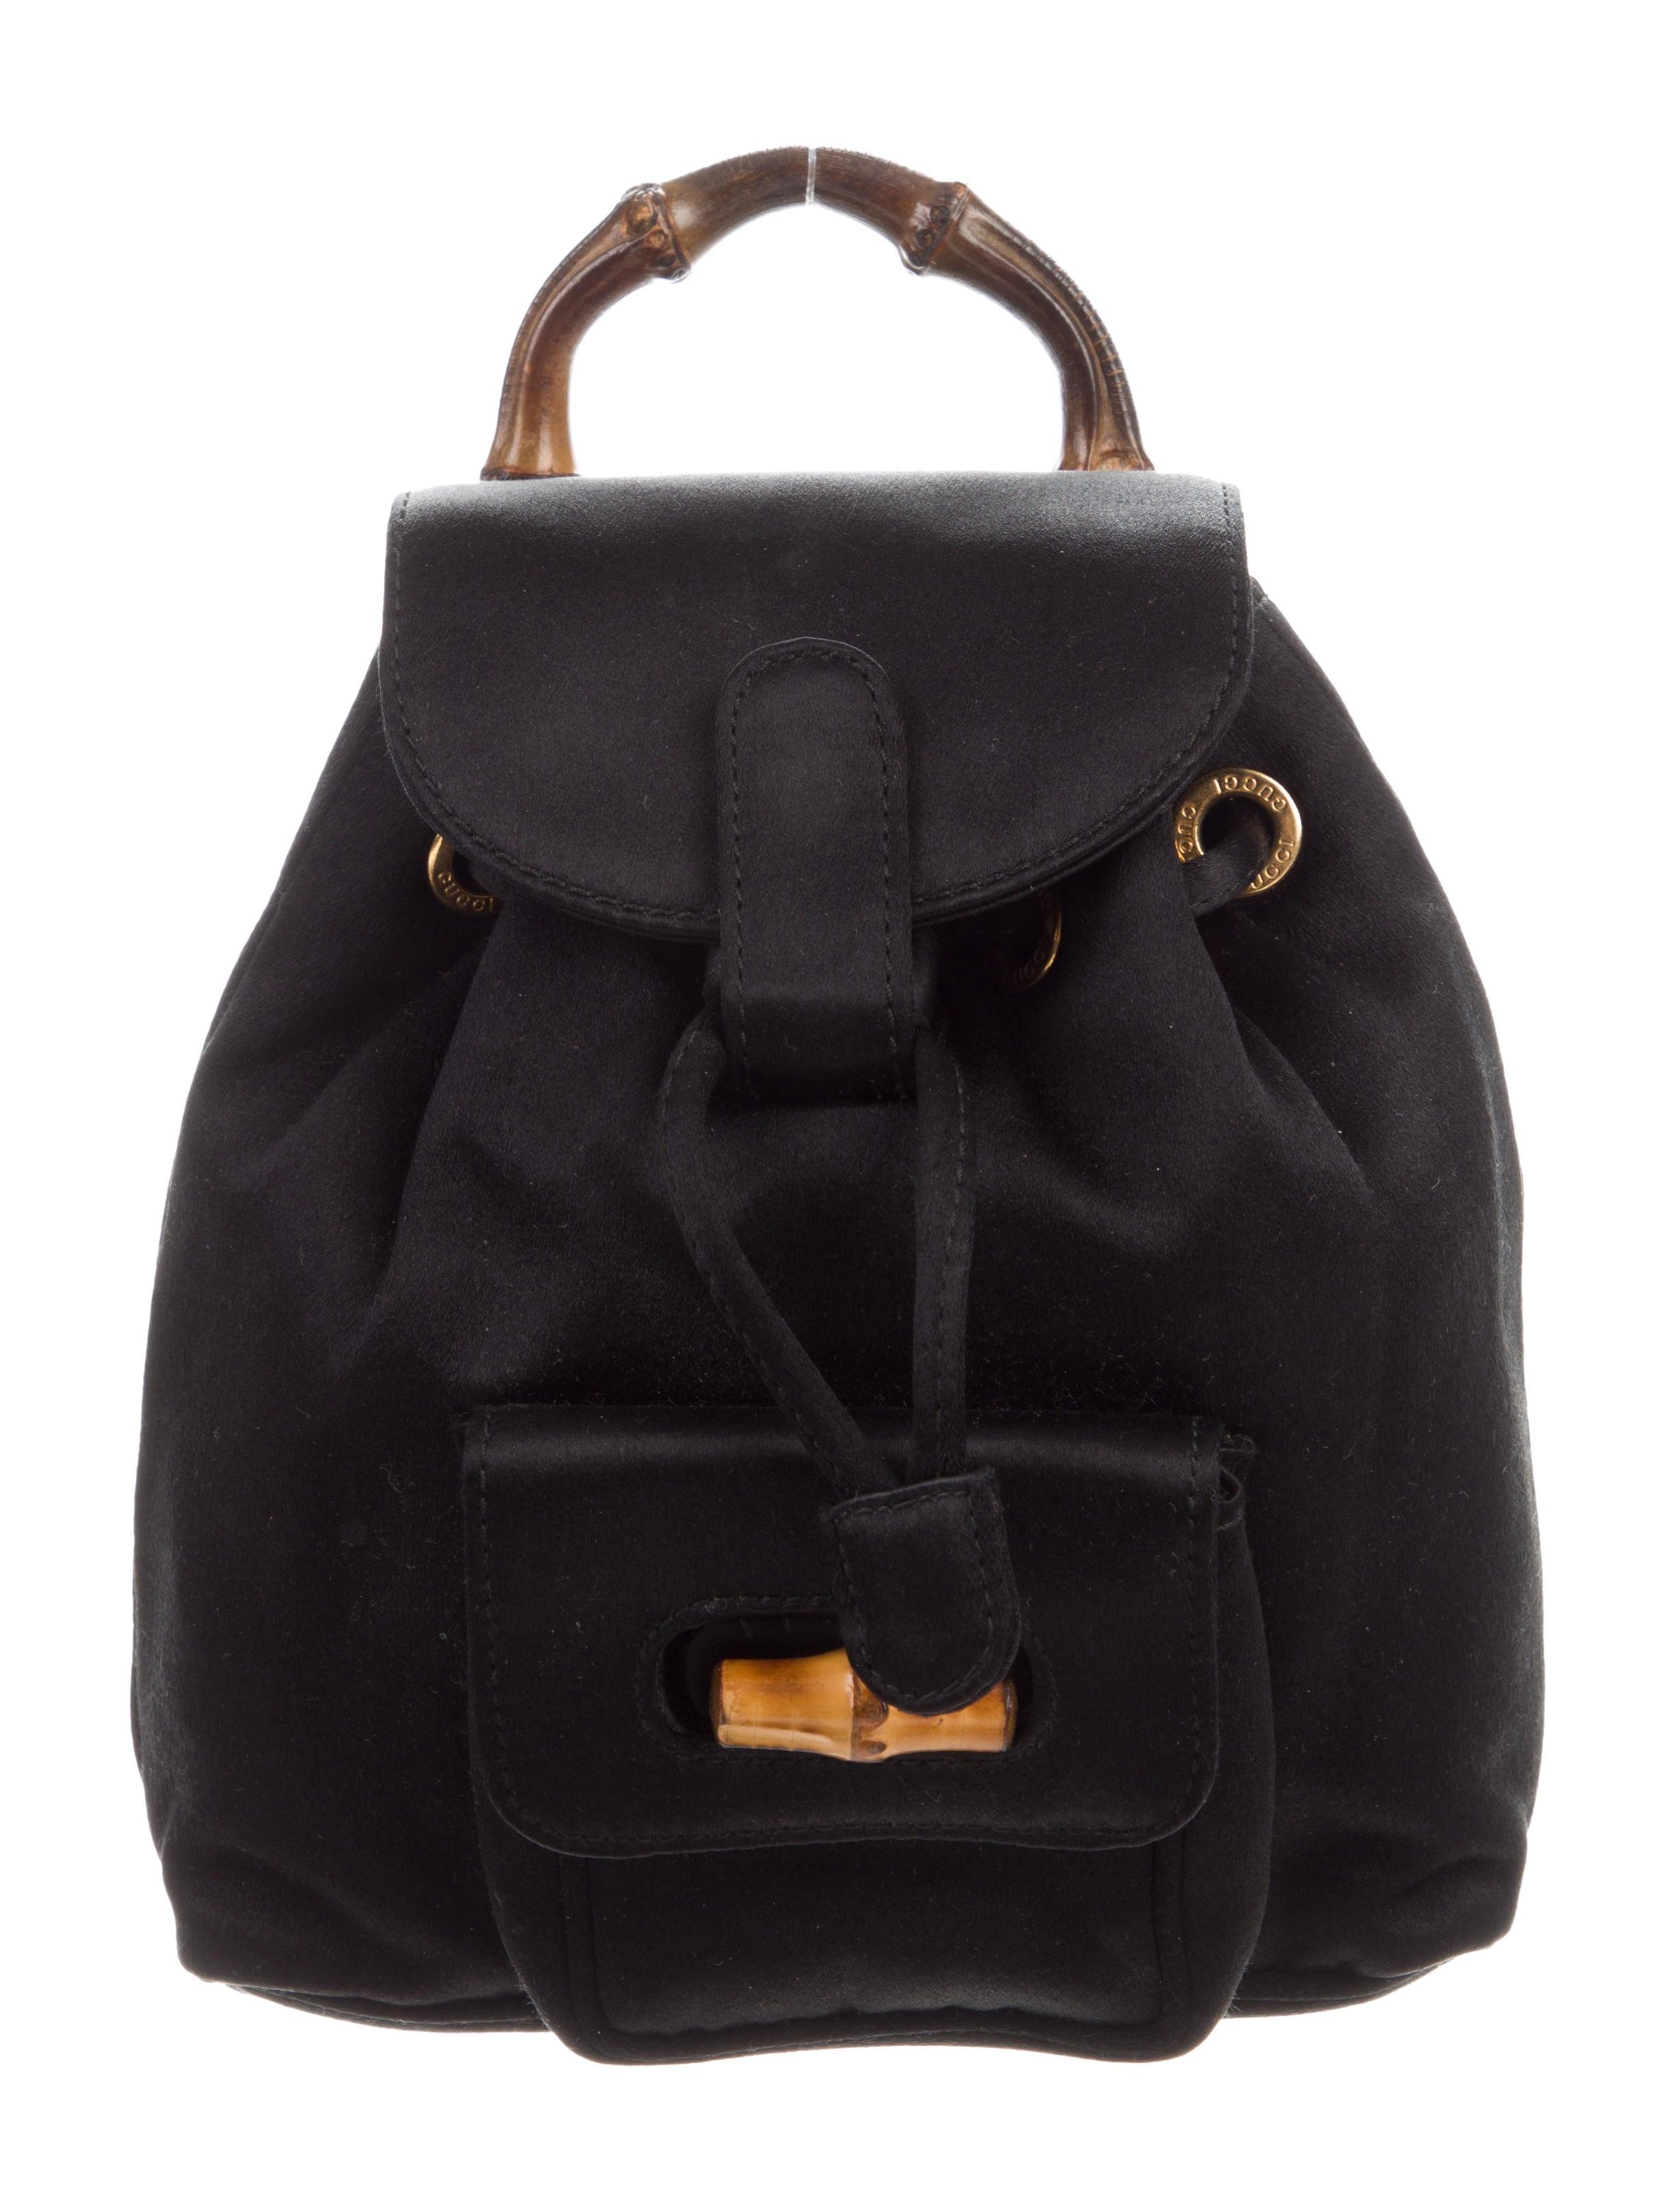 9ec6e400444 Gucci Satin Mini Backpack - Handbags - GUC303827